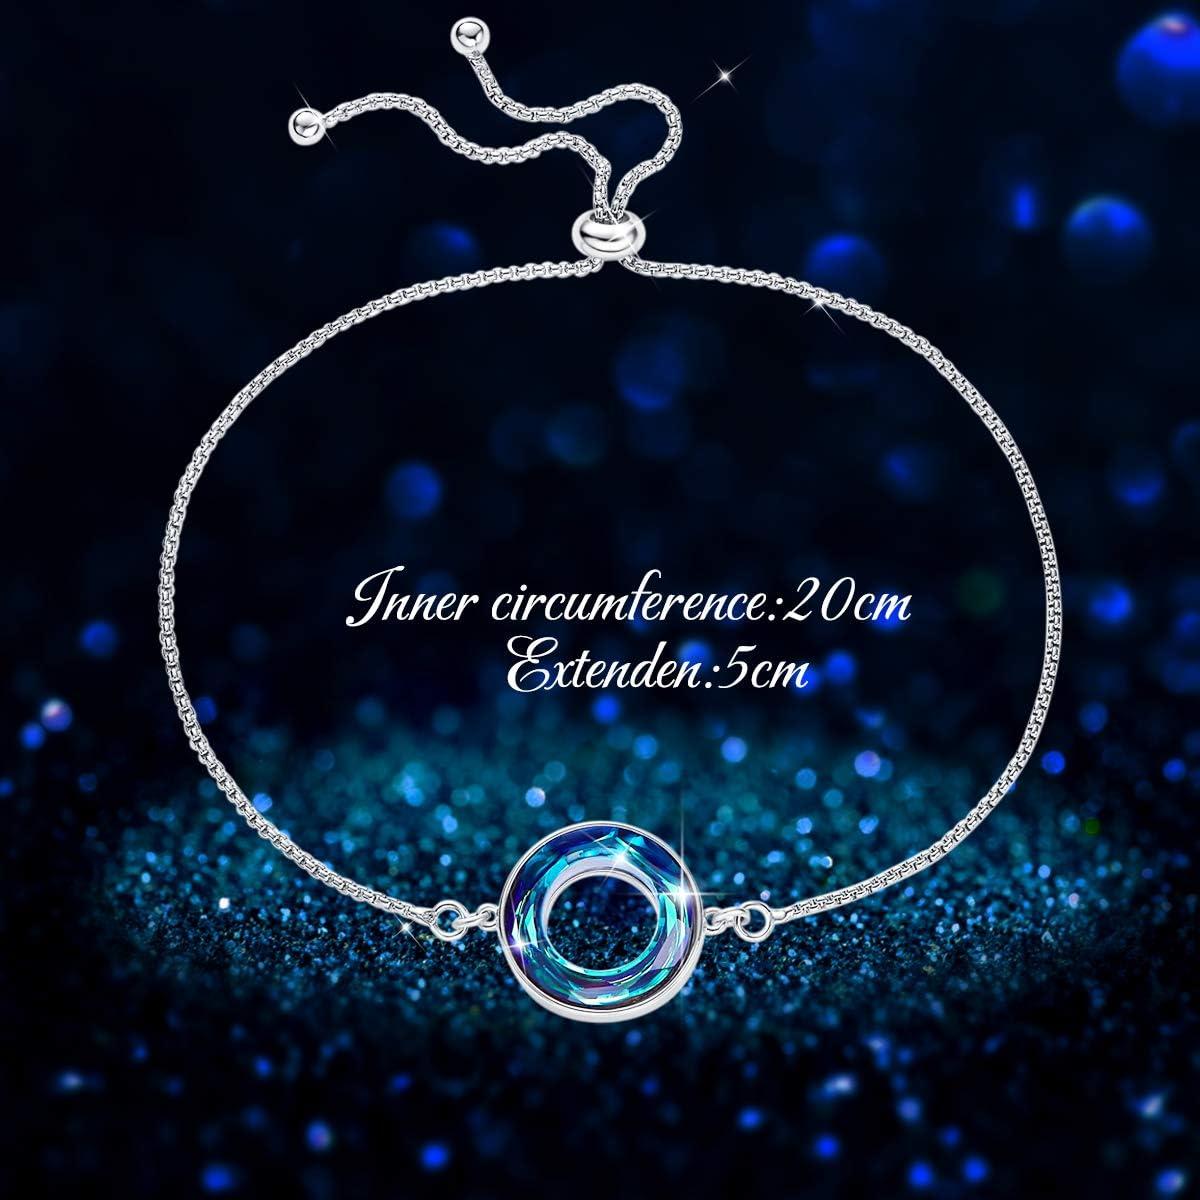 Mariage CRYSLOVE Bracelet pour Femmes Fille en Argent Sterling 925 /Étoile Lune Bracelet Star Moon Ouverture Bracelet R/églable Bijoux Bracelet,Anniversaire No/ël Cadeau